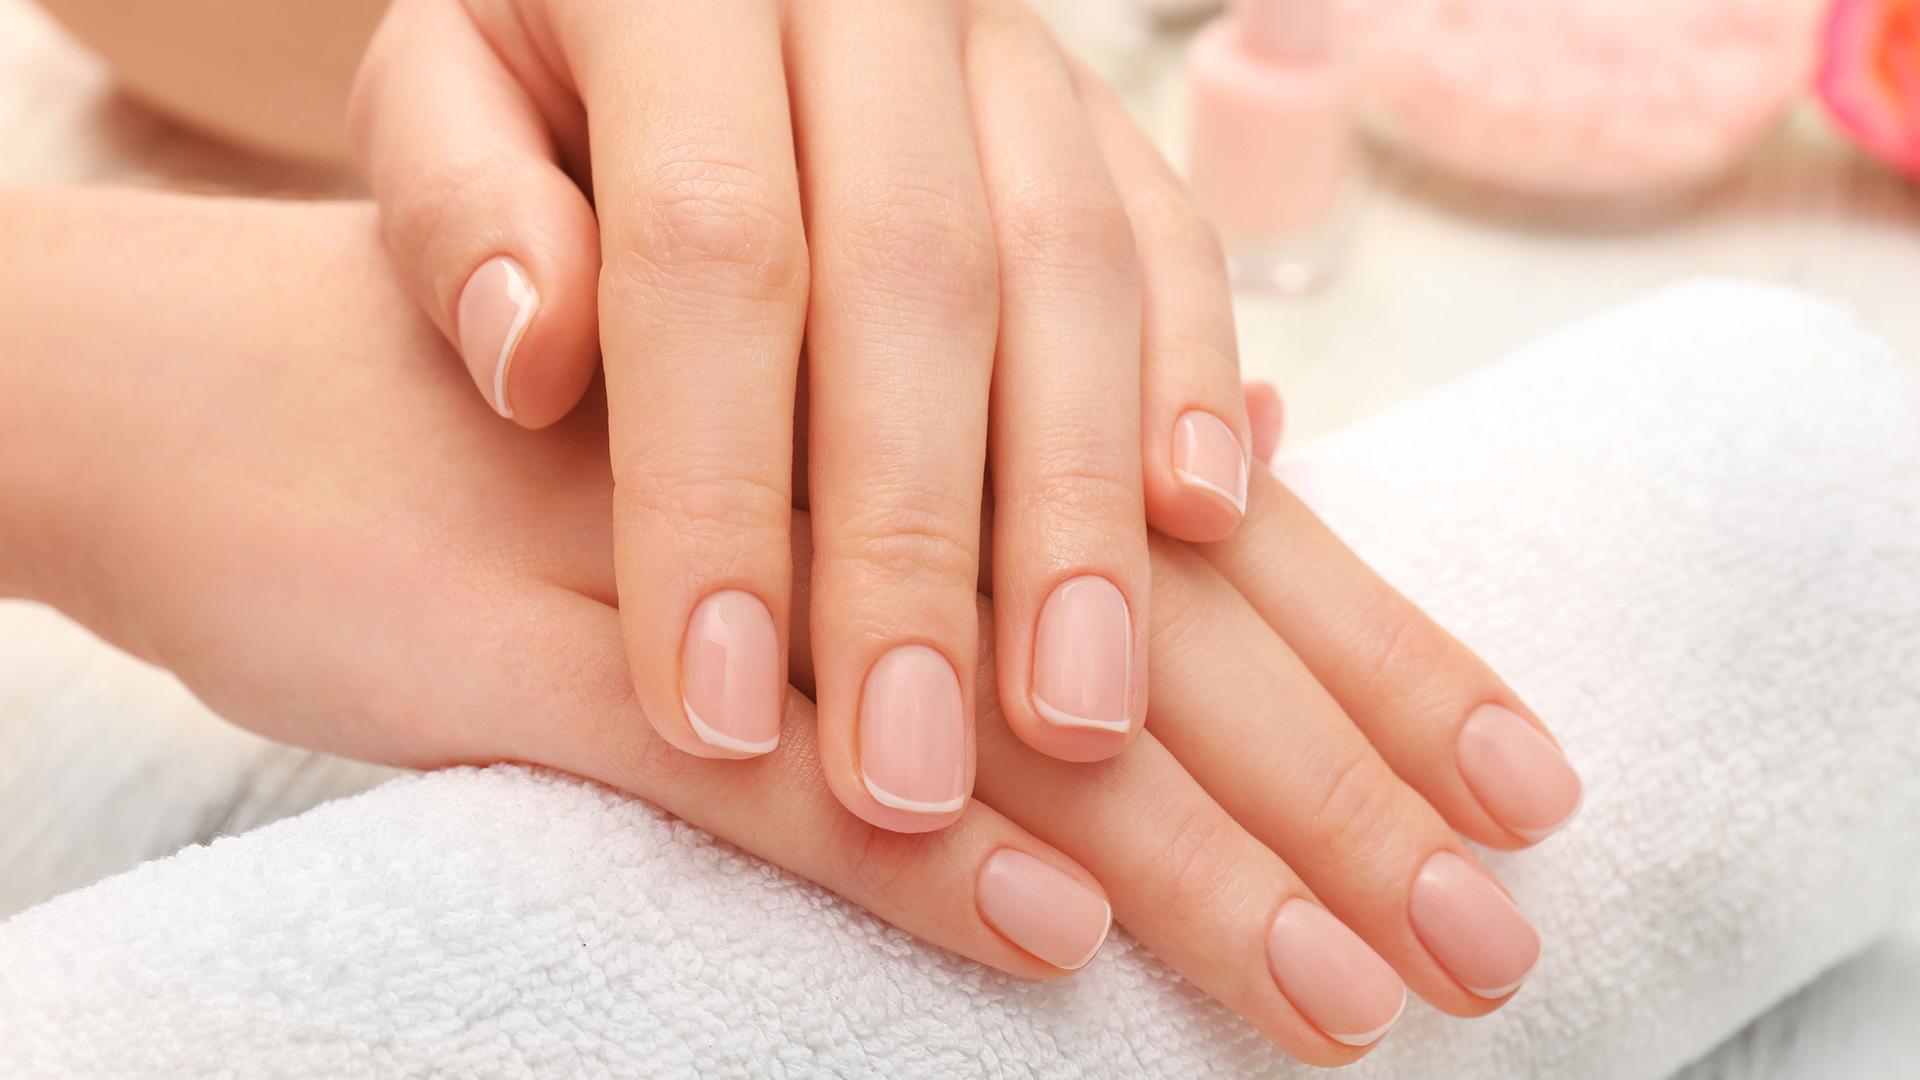 افضل الطرق لعلاج خشونة الأيدي في الشتاء